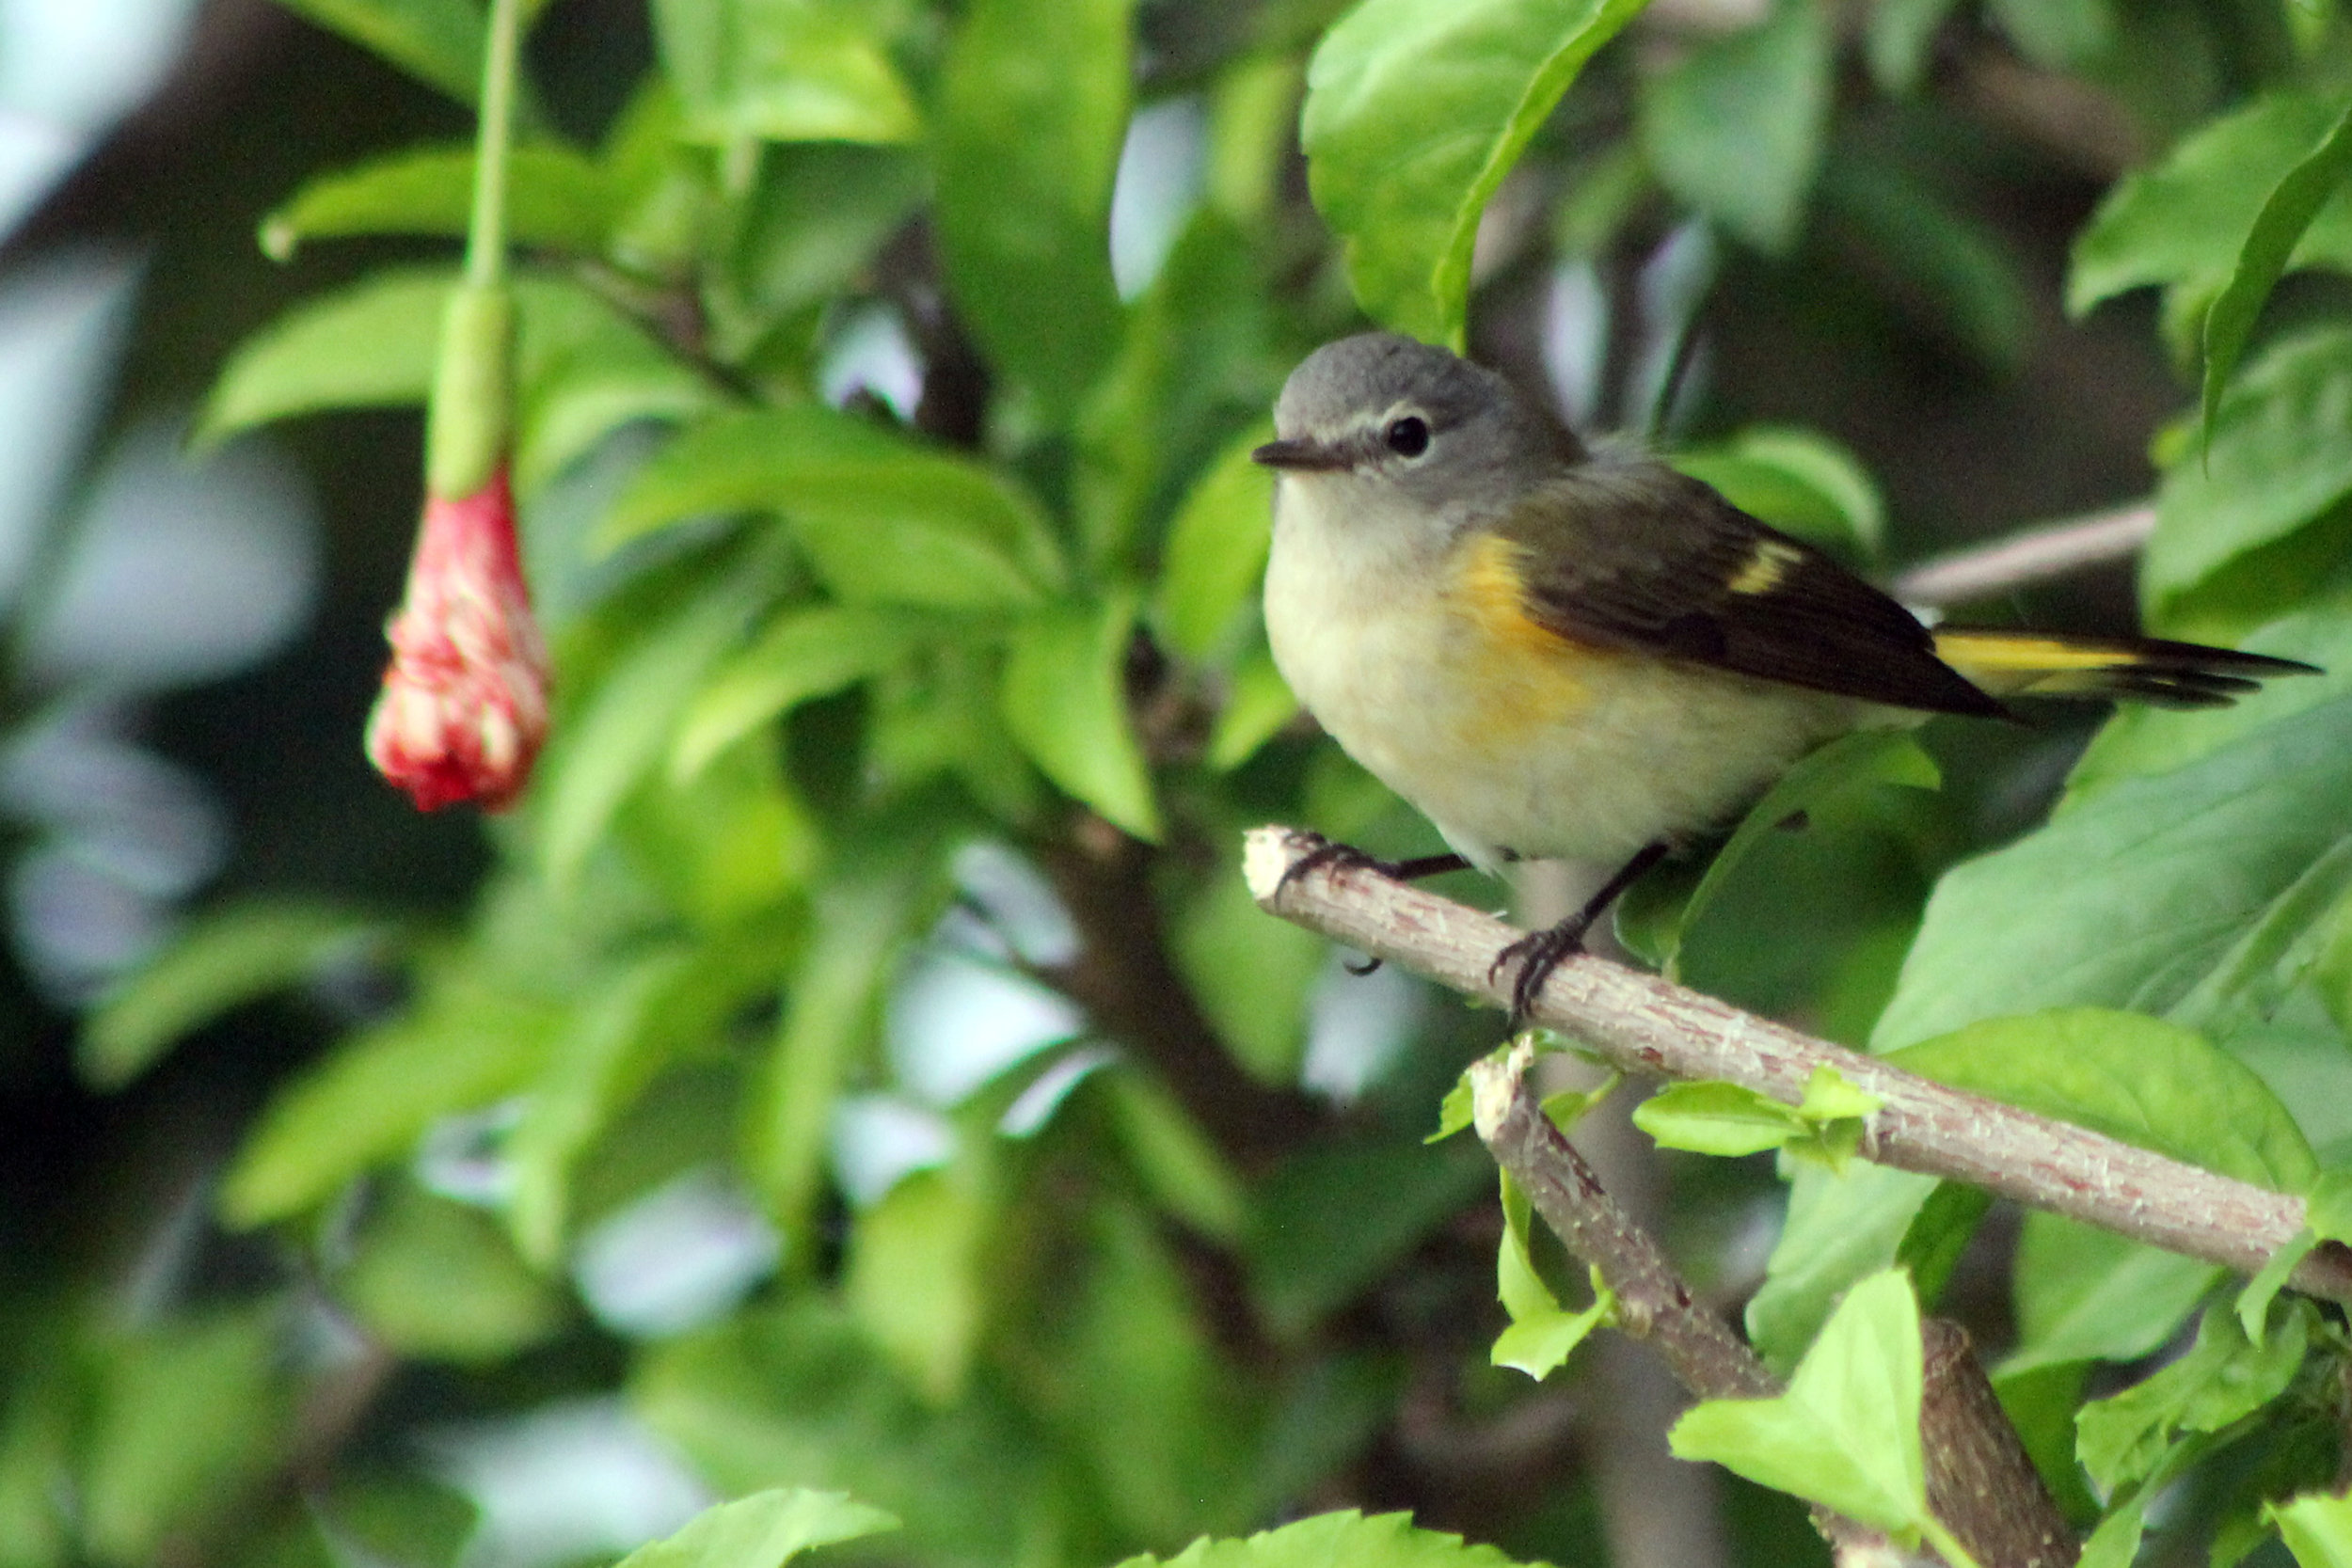 aaa_little bird 1.jpg